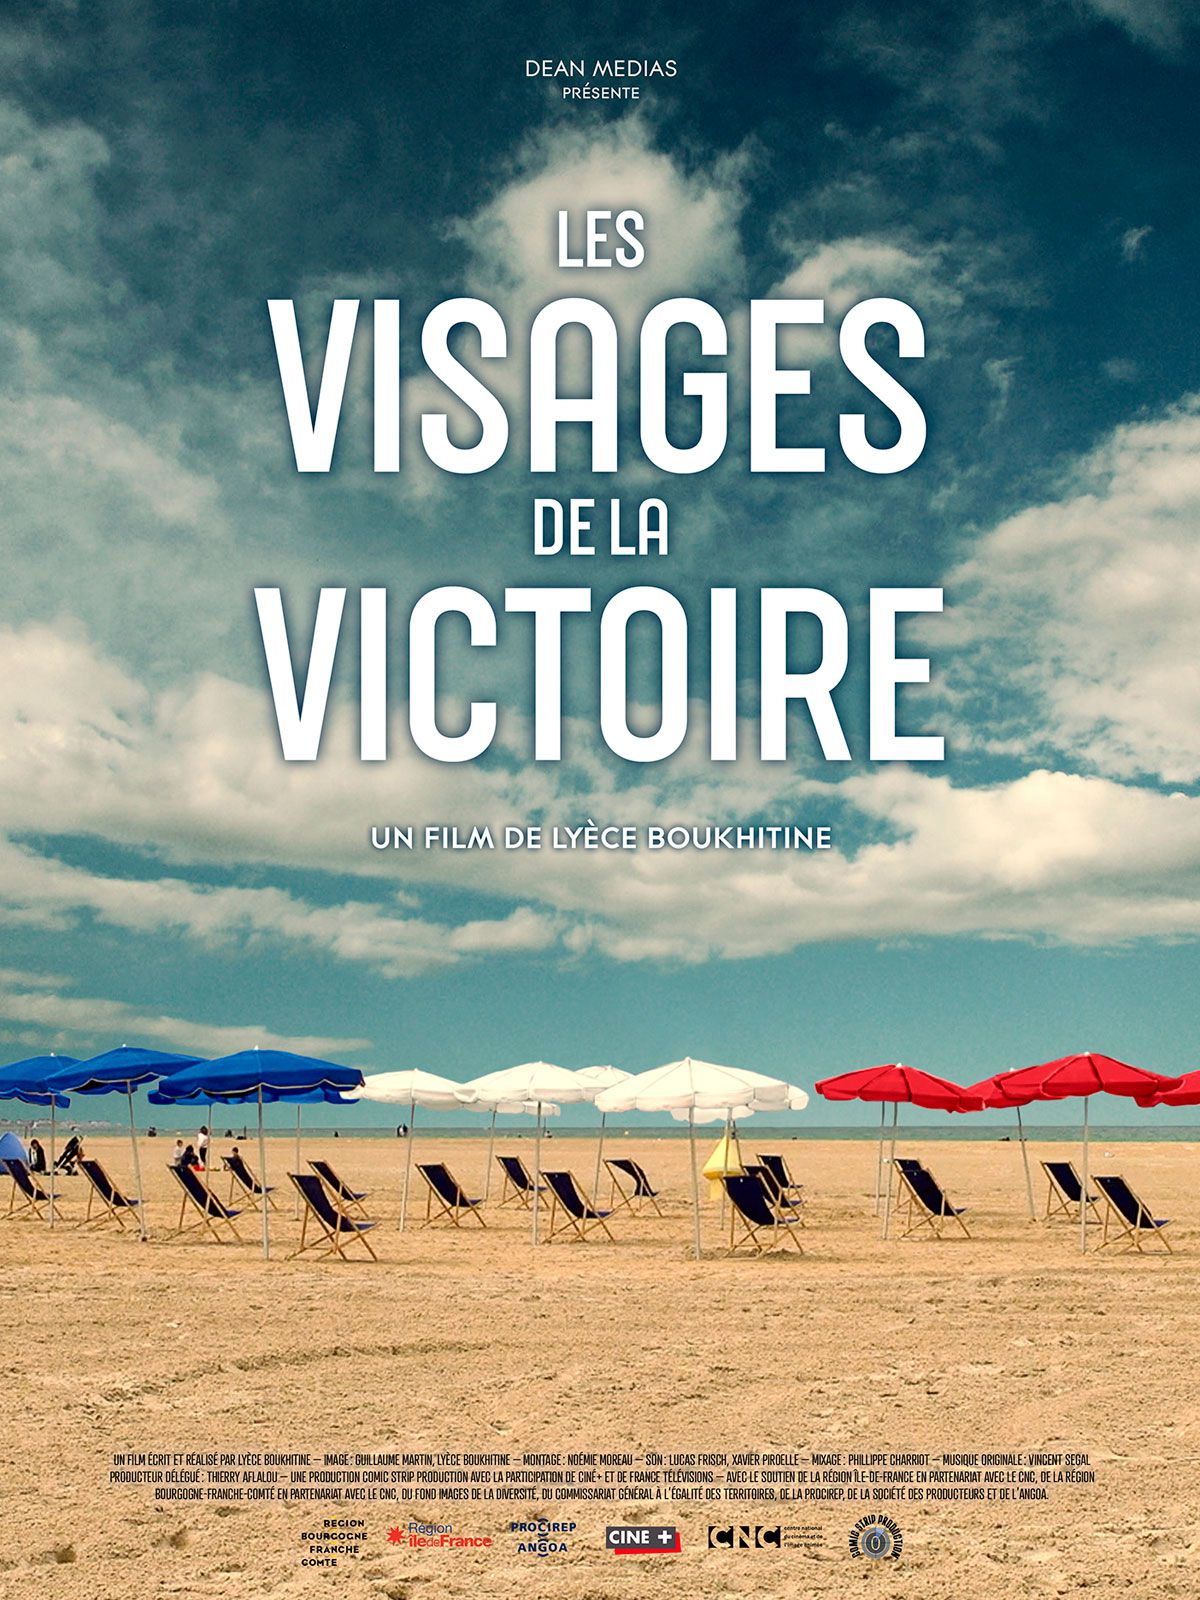 Les Visages de la victoire - Documentaire (2020)